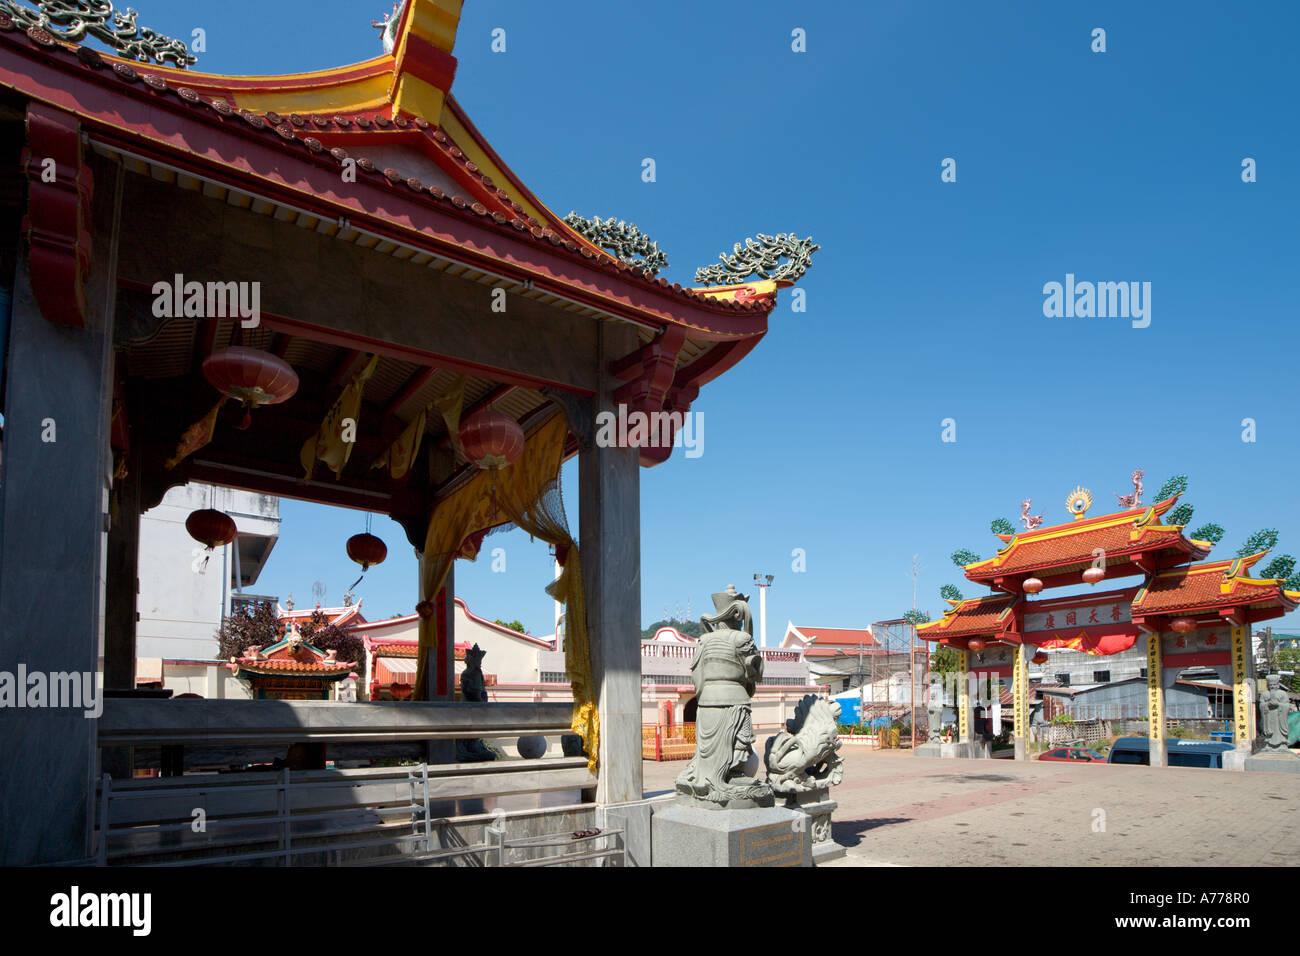 Temple chinois, vieille ville de Phuket, Phuket, Thaïlande Banque D'Images